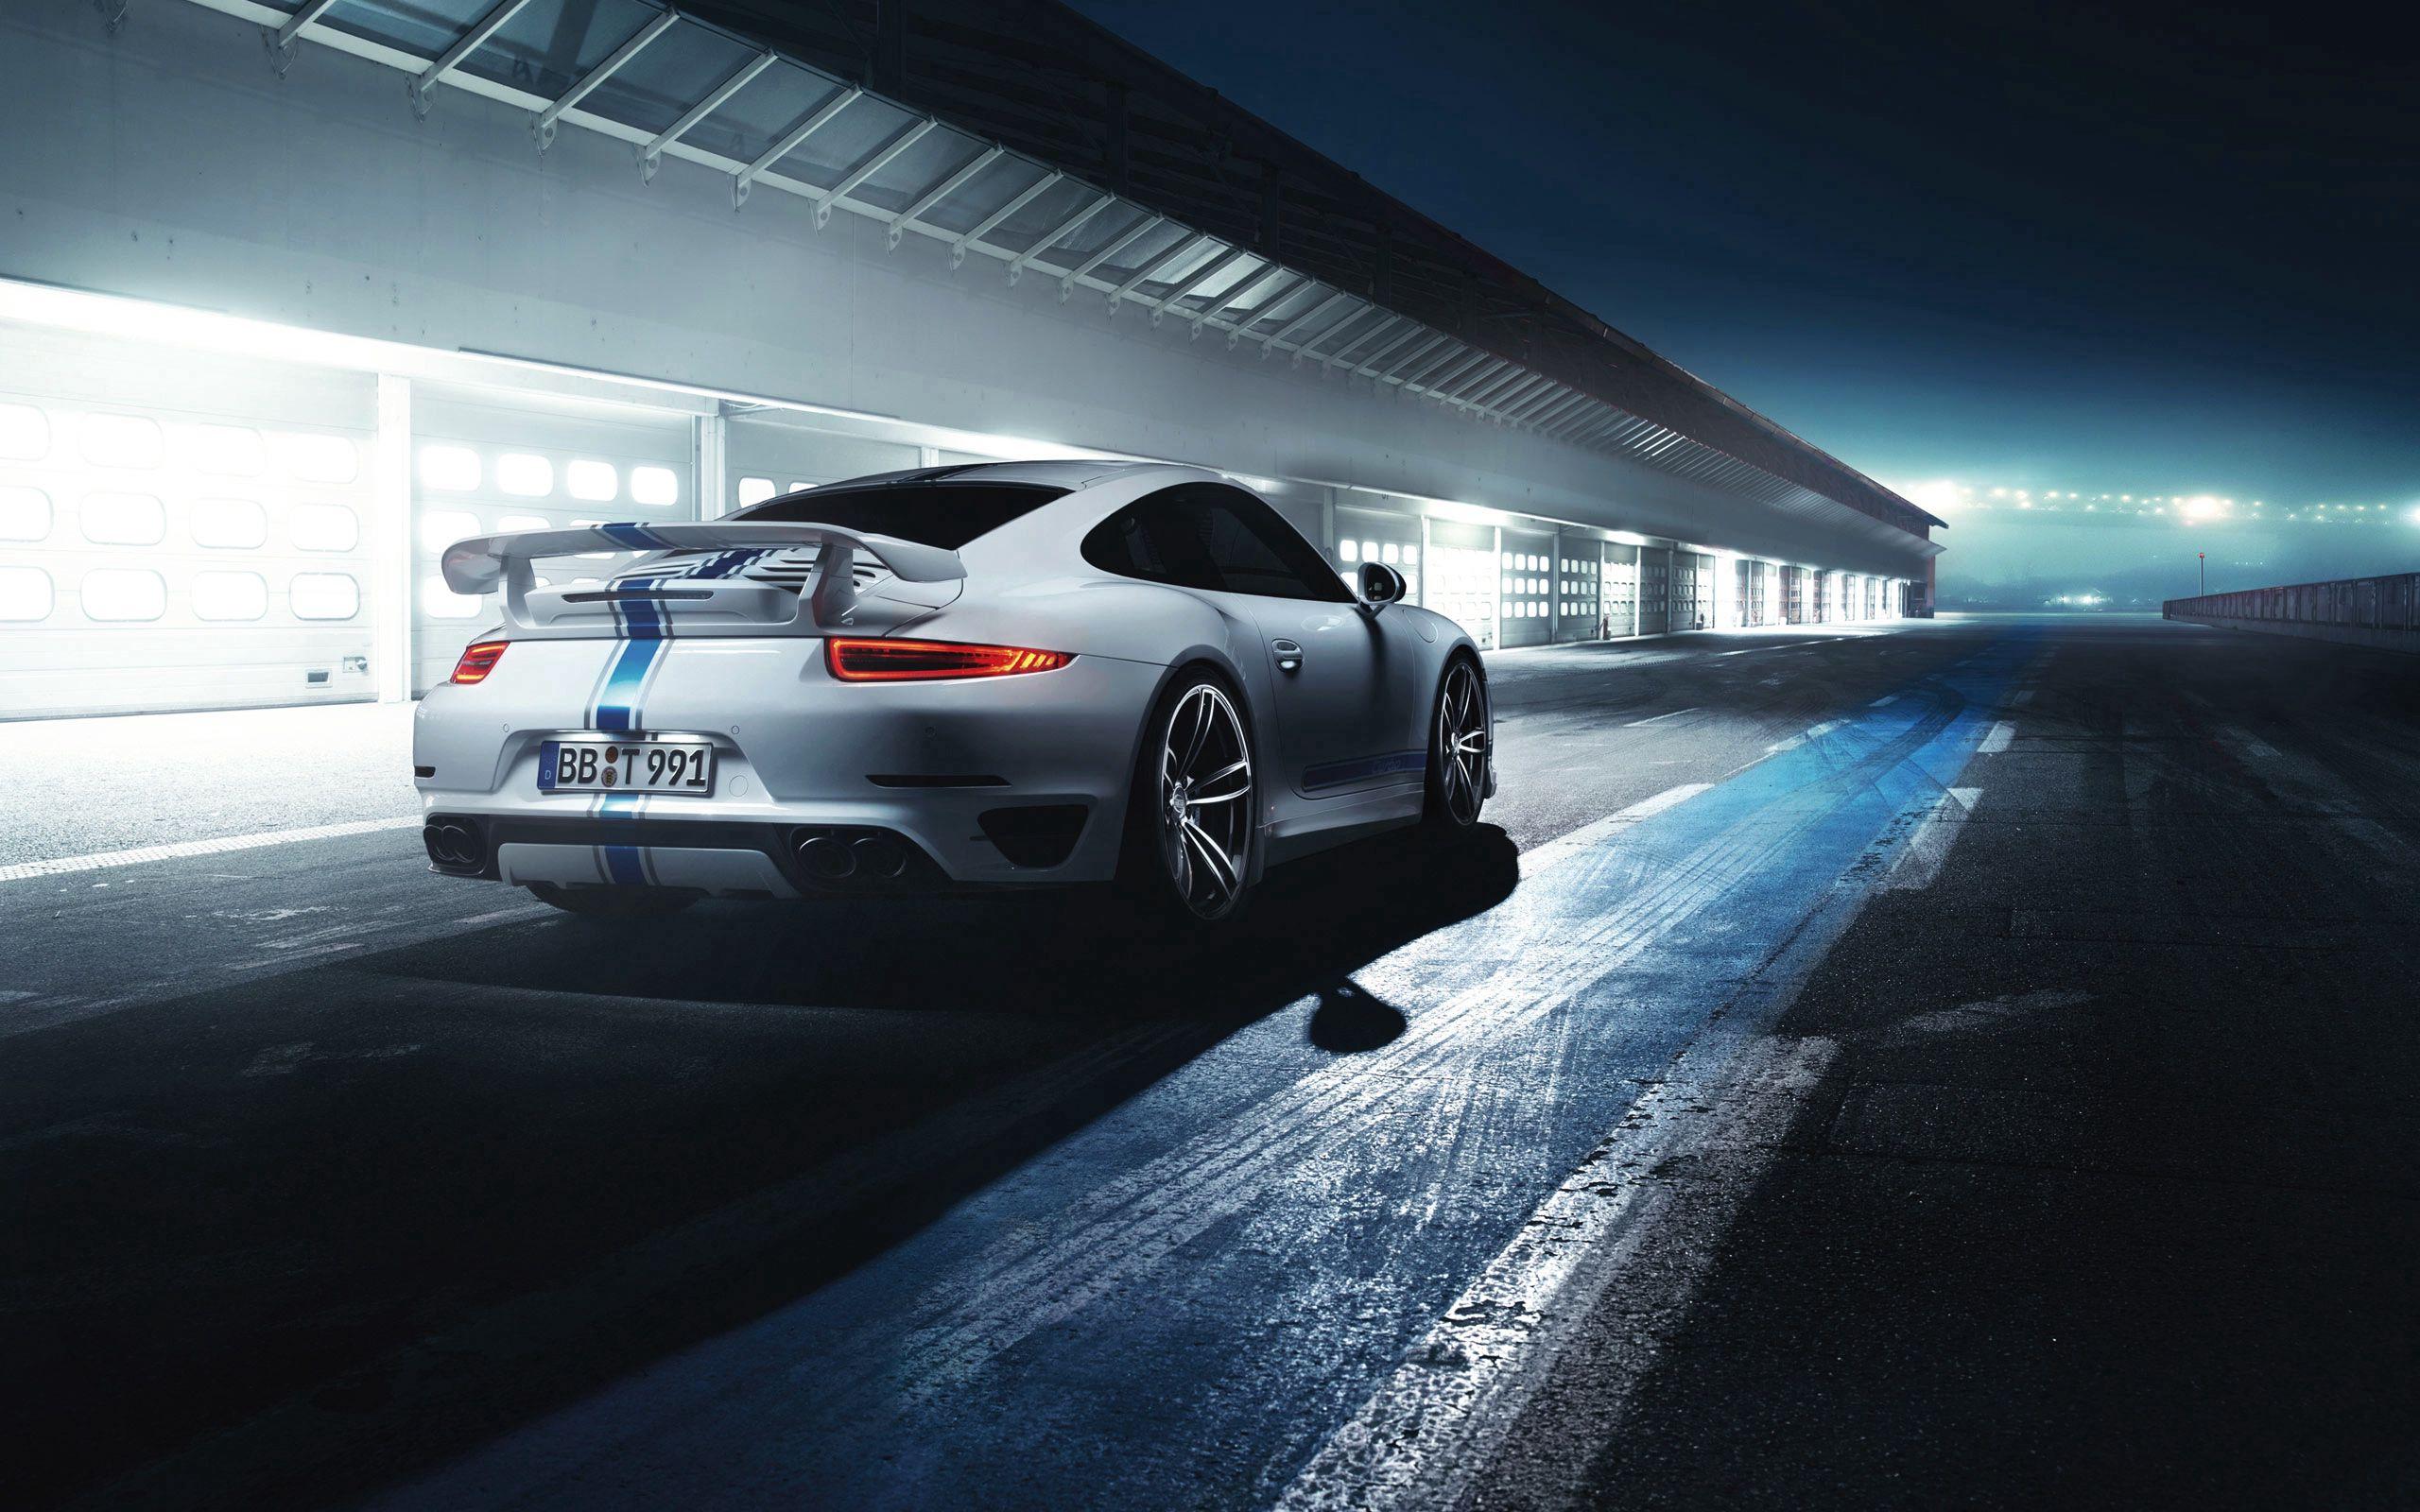 136114 Заставки и Обои Порш (Porsche) на телефон. Скачать Порш (Porsche), Тачки (Cars), Вид Сзади, 911, Турбо картинки бесплатно